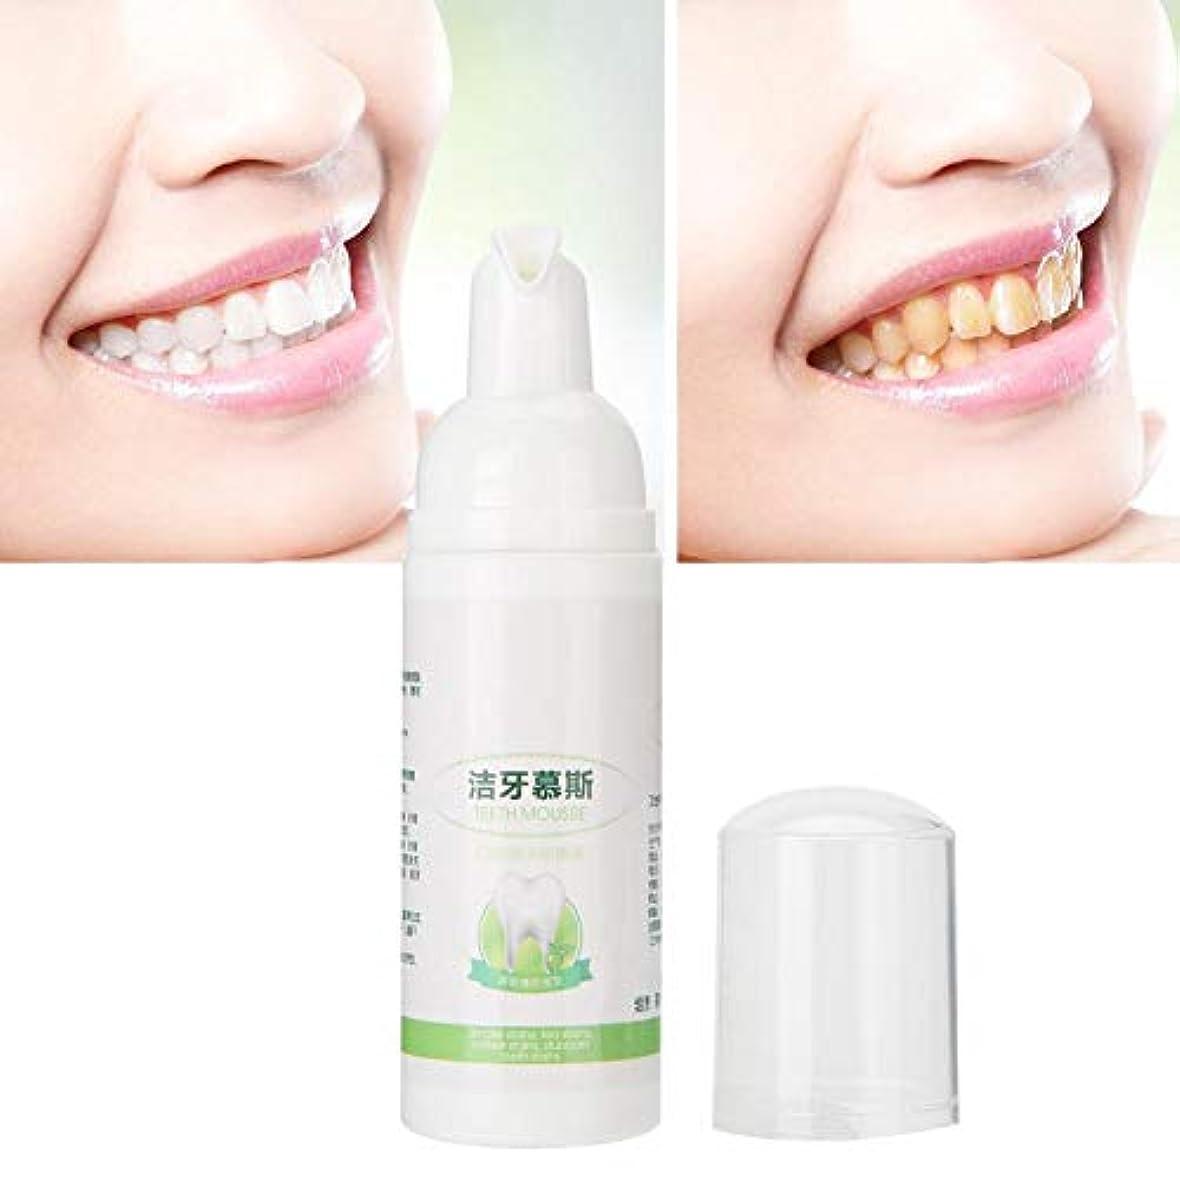 どういたしまして突き刺すメイト口腔衛生ケア歯のクリーニングホワイトニングムース口腔口臭口芳香剤スプレー60 ml